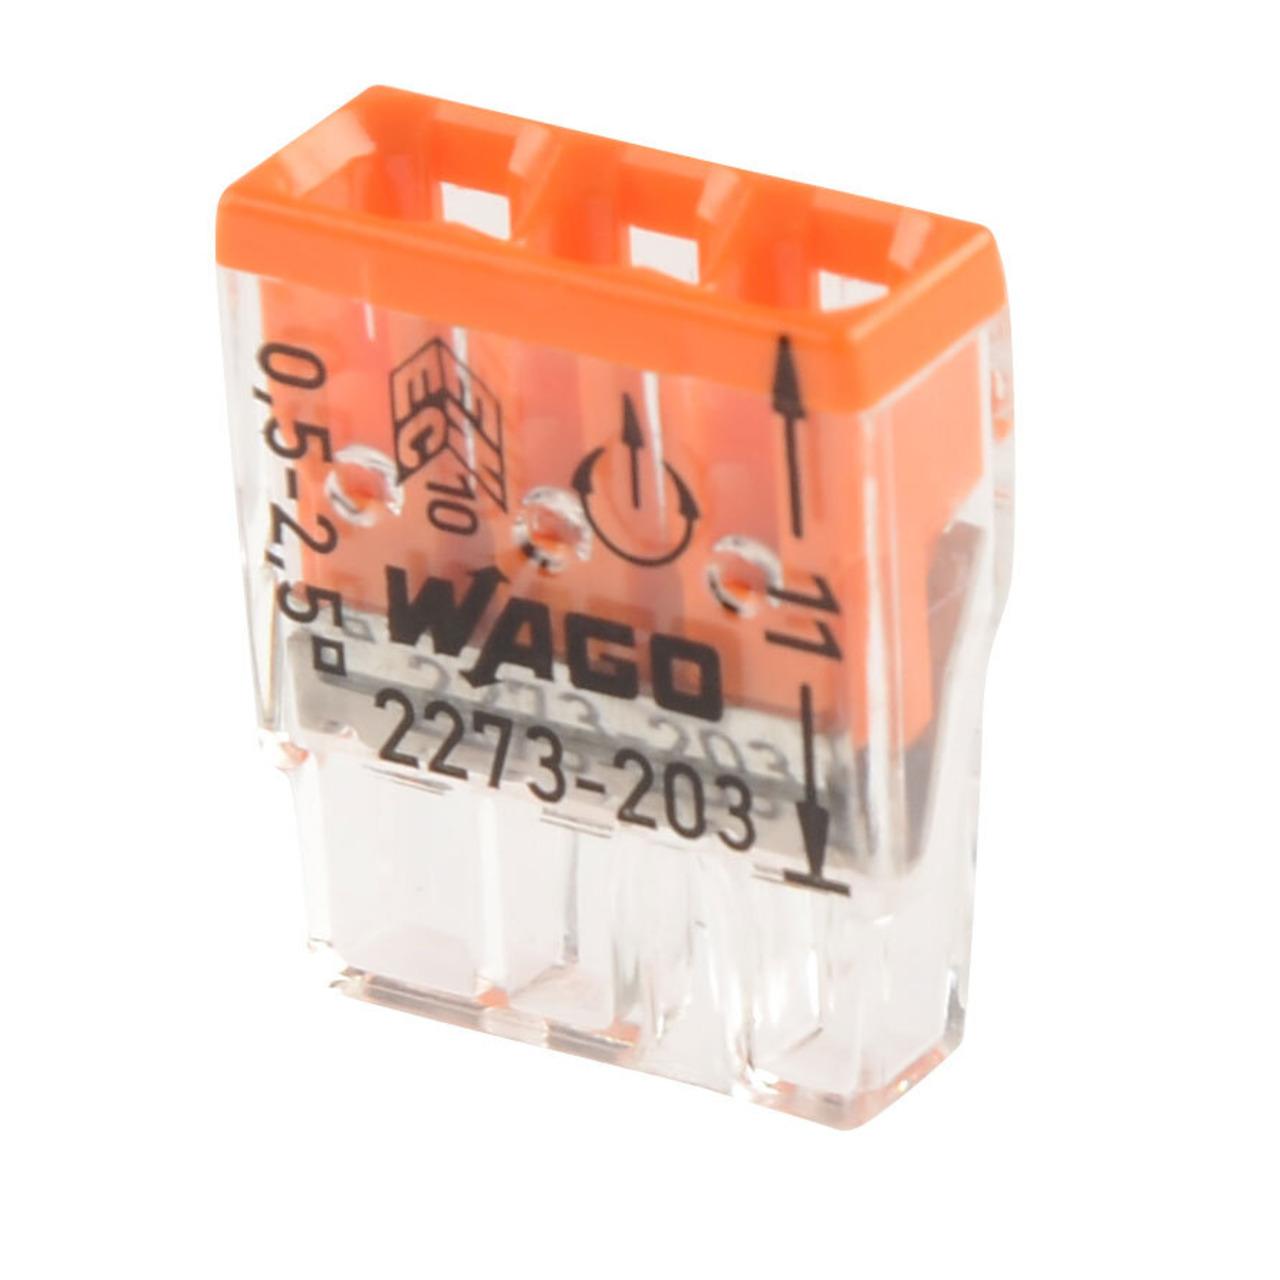 Wago Compact 2273-203 Verbindungsklemme- 3pol.- 100 Stück